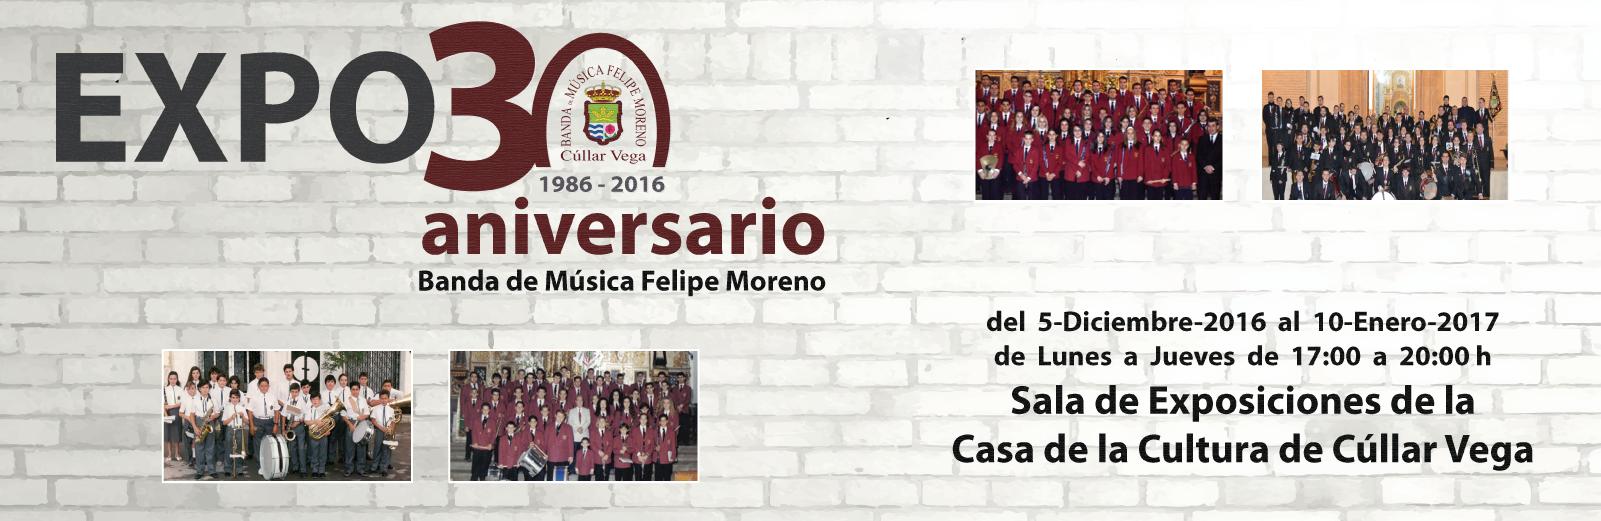 EXPO30 Aniversario Banda Felipe Moreno @ Sala de Exposiciones de la Casa la Cultura | Cúllar Vega | Andalucía | España